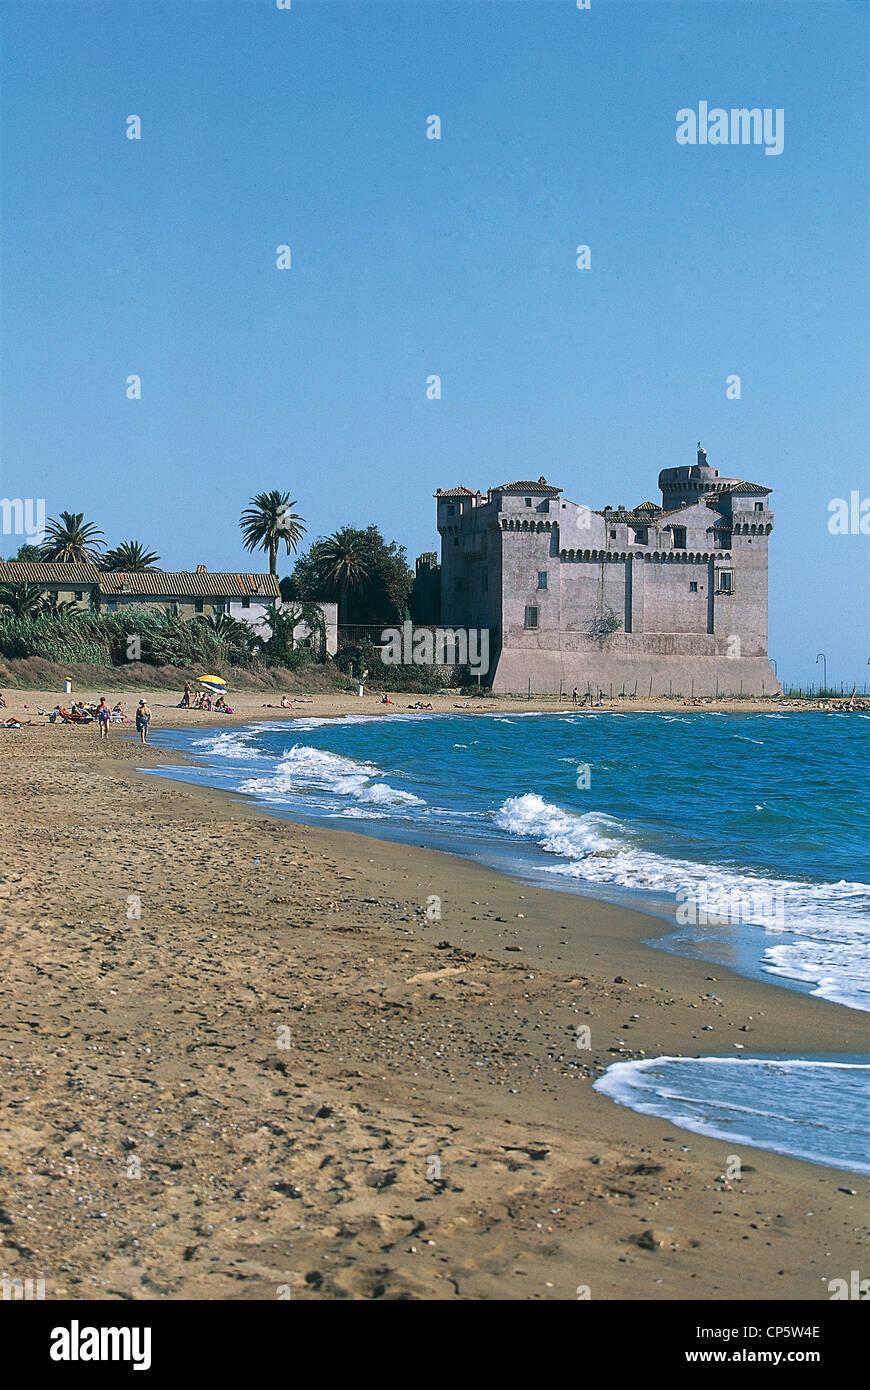 Lazio Santa Severa Santa Marinella Village Beach And Castle